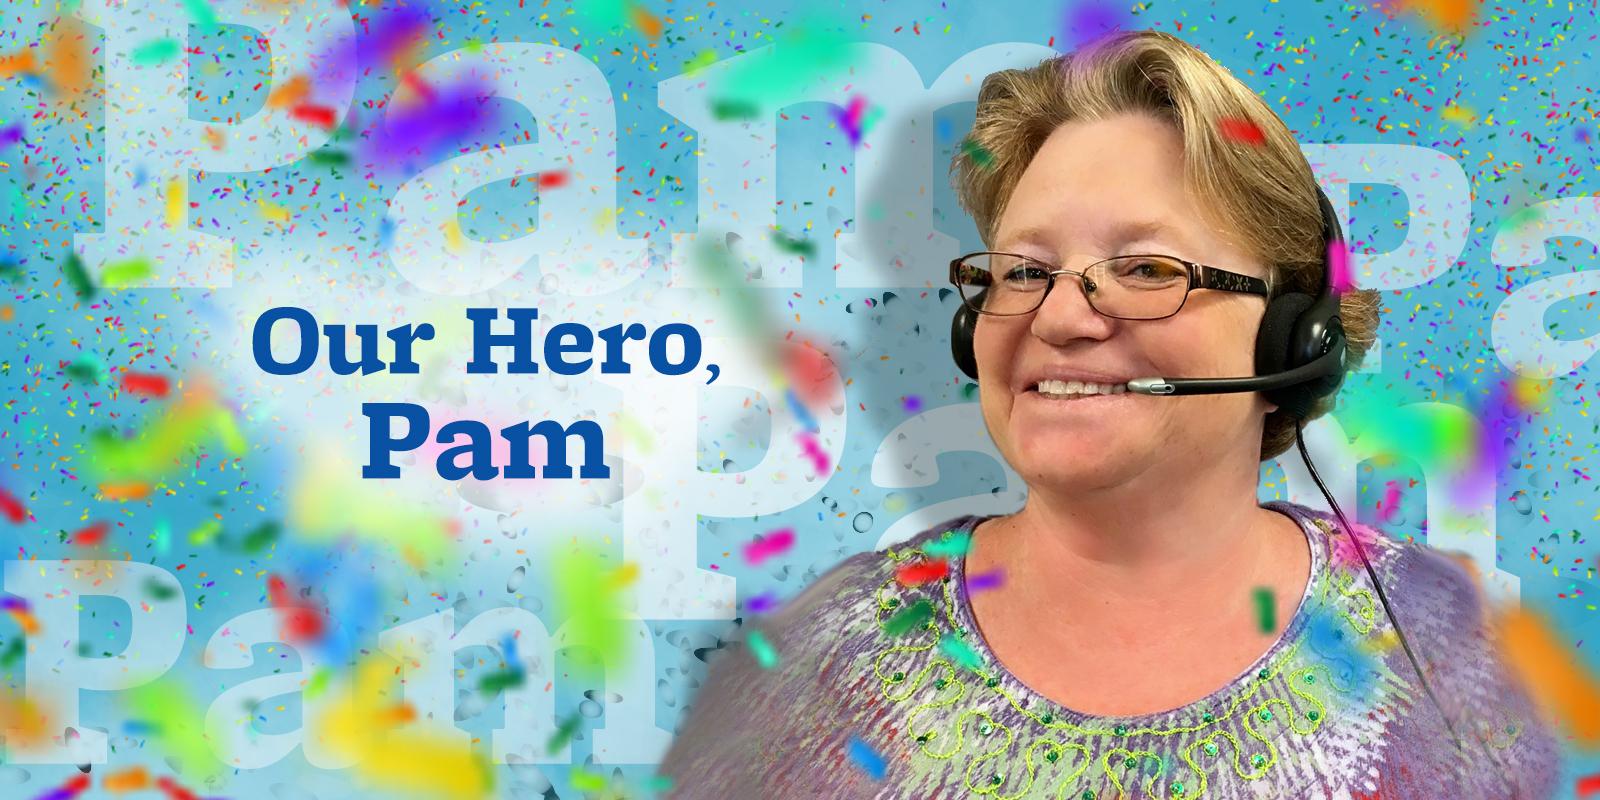 January 2019 Call Handling Hero®